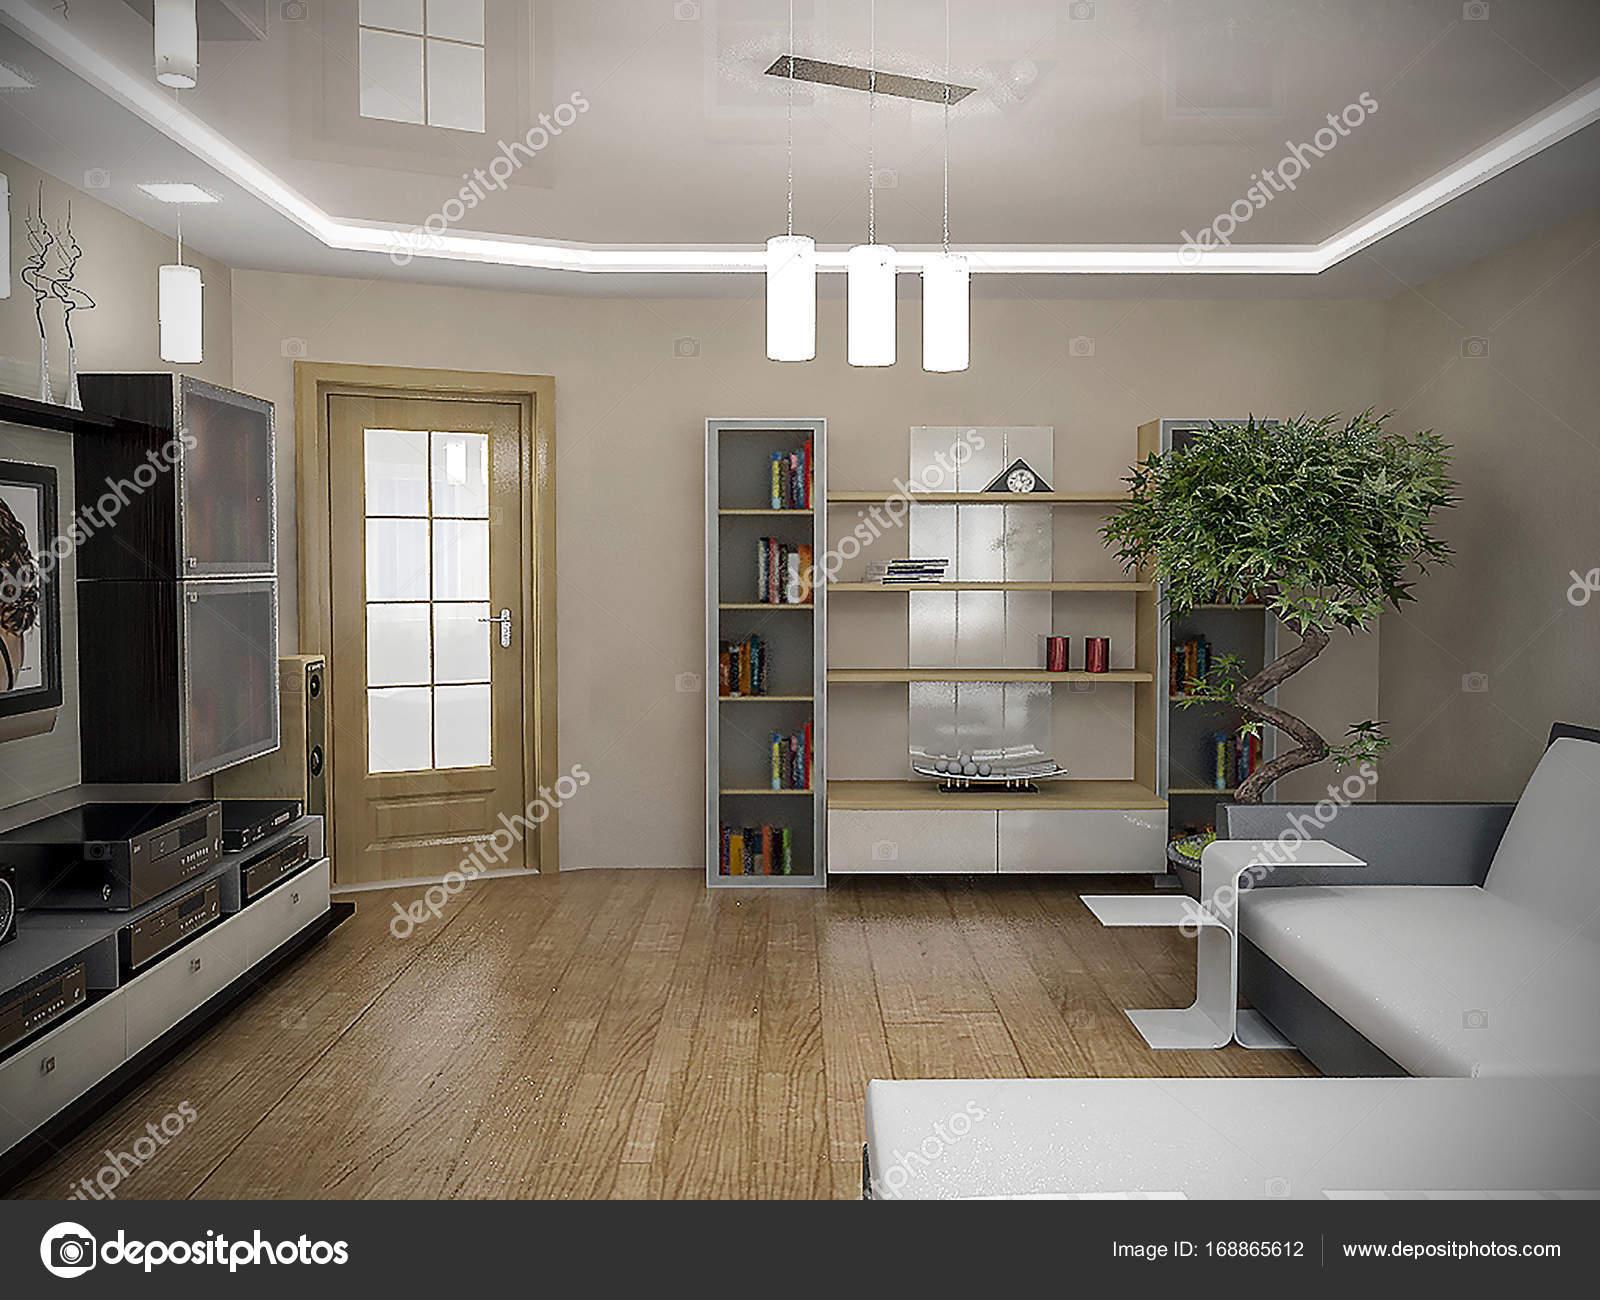 Wundervoll Einrichtungsideen Wohnzimmer Ideen Von Einrichtungsideen, 3d Render — Stockfoto